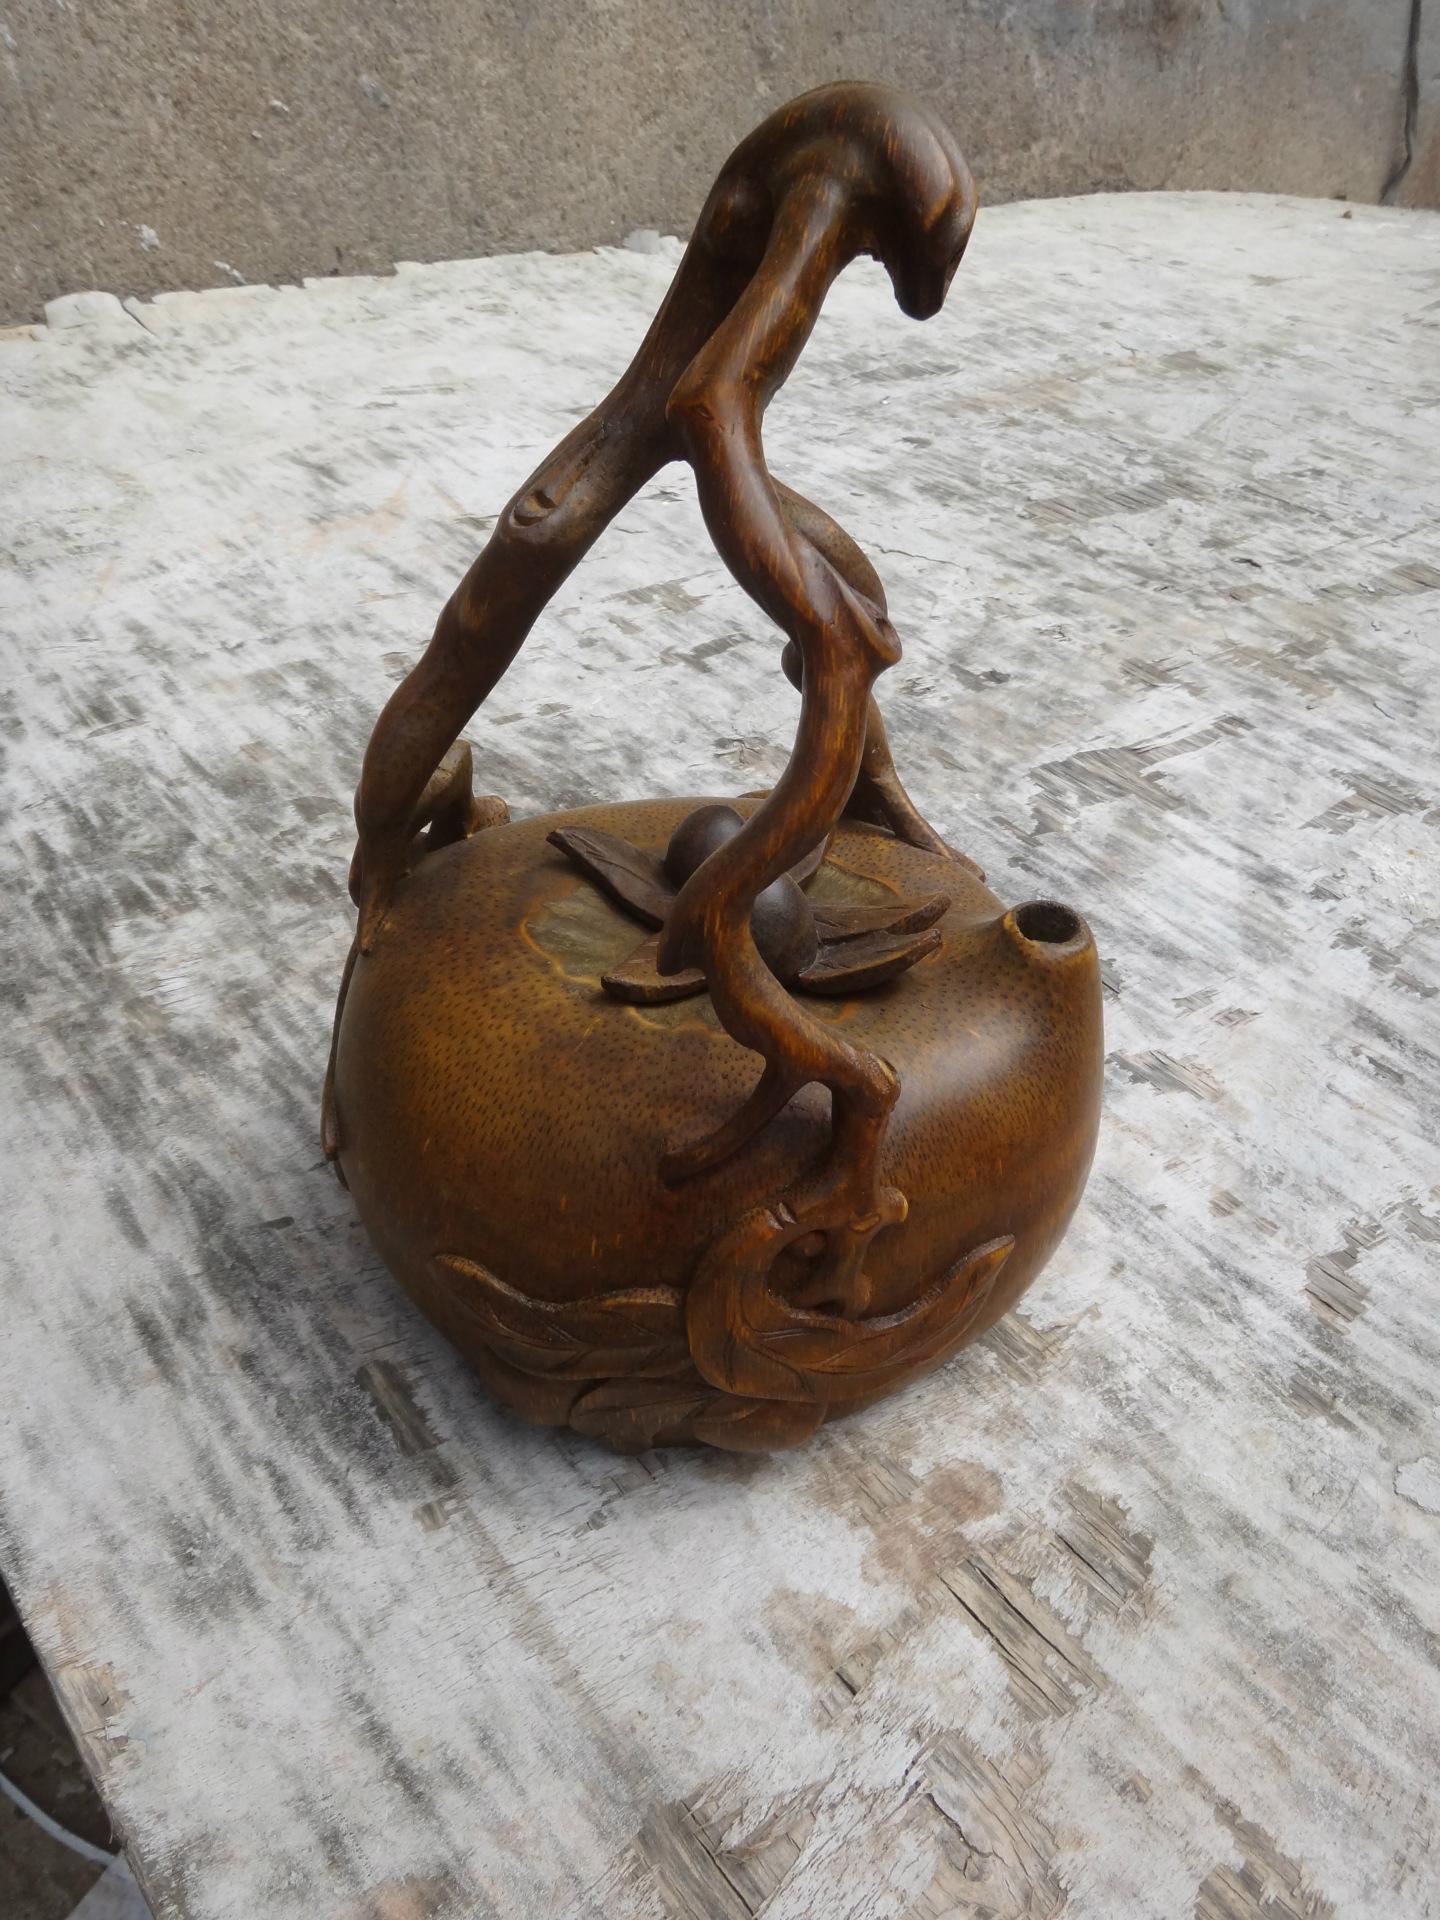 图片,其他民俗工艺品,象山龙泰根雕厂